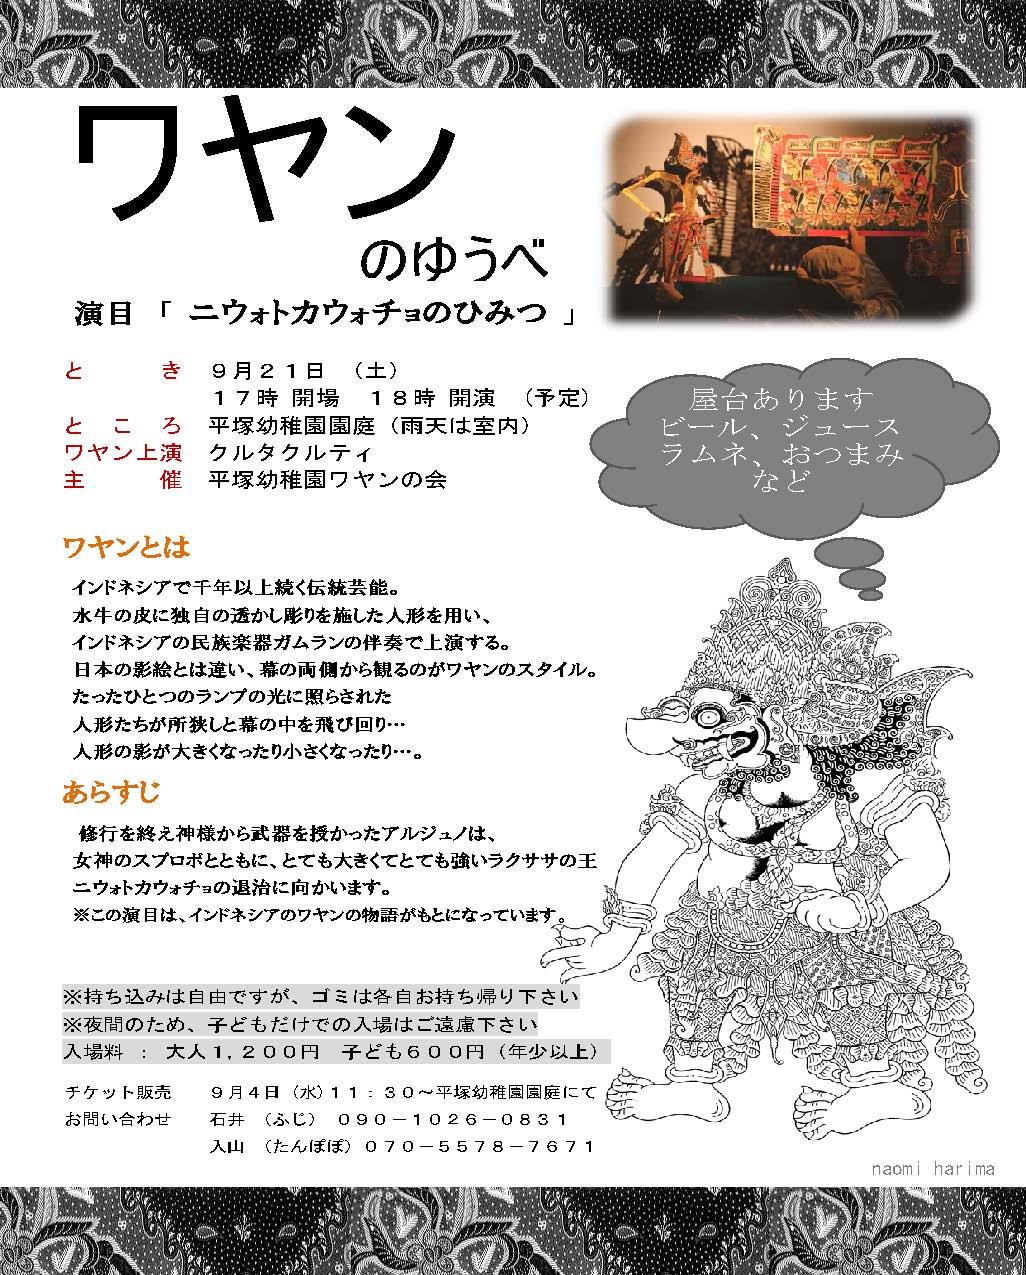 20130921hiratsuka_wayang